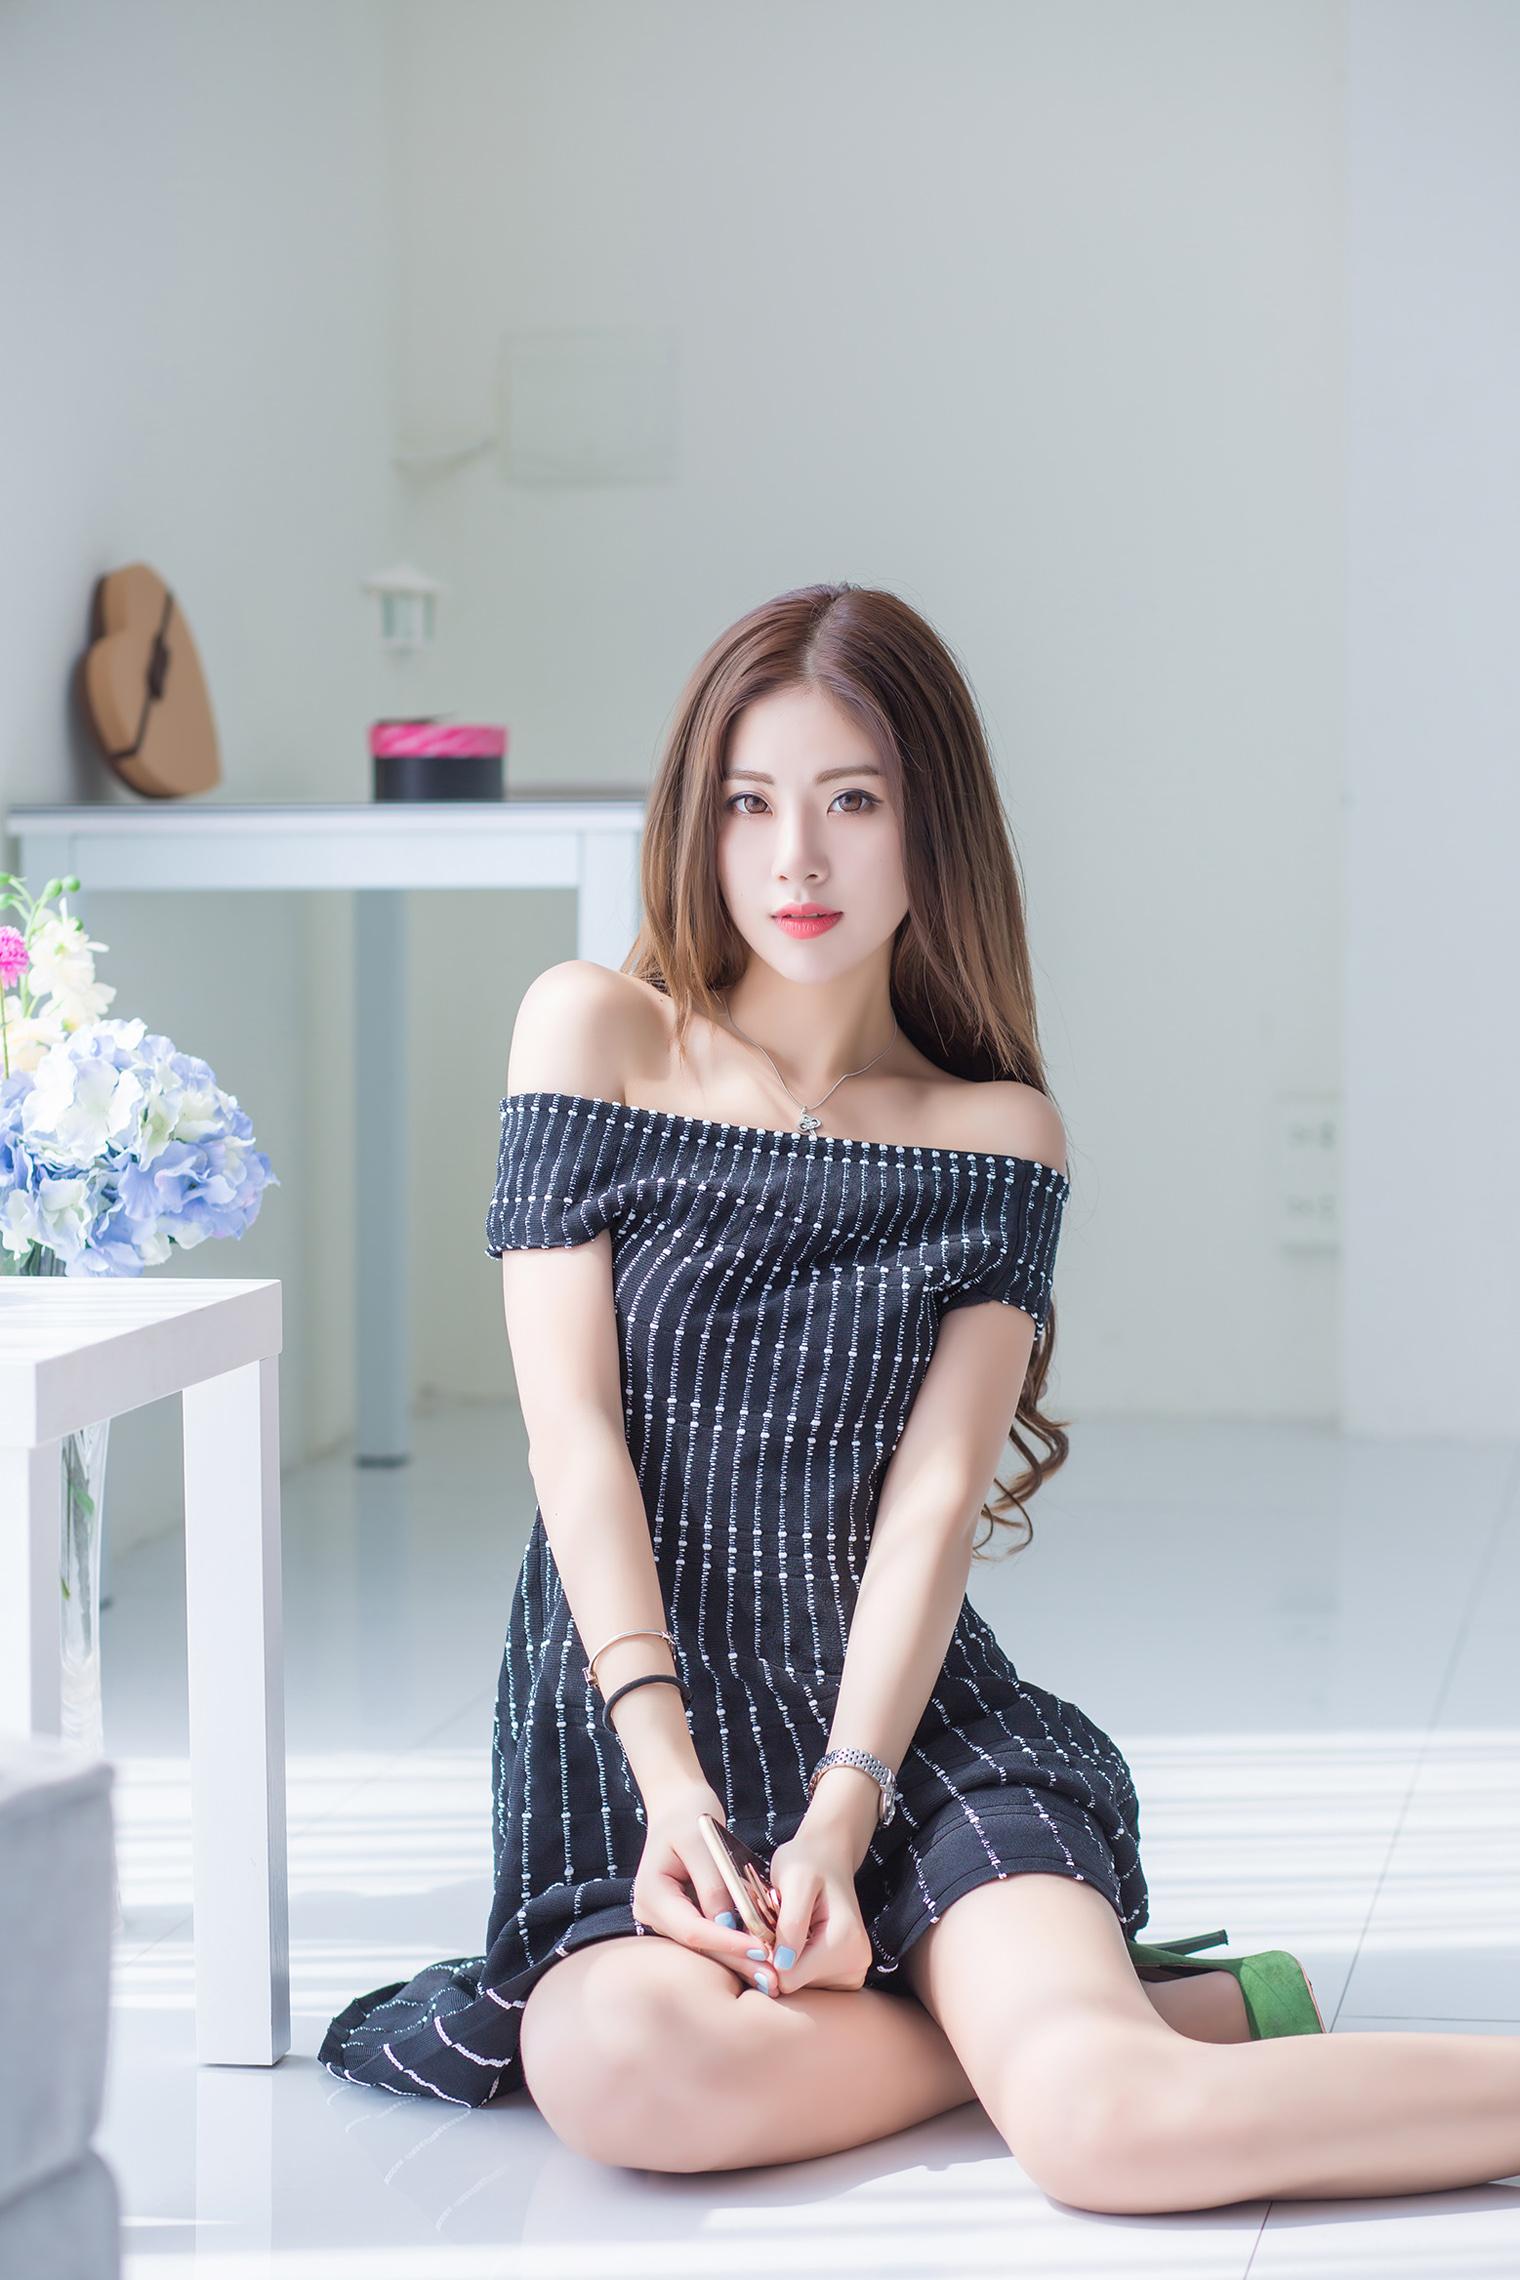 白皙漂亮嫩模-菲儿 4 - 1505147909 - 太阳的博客